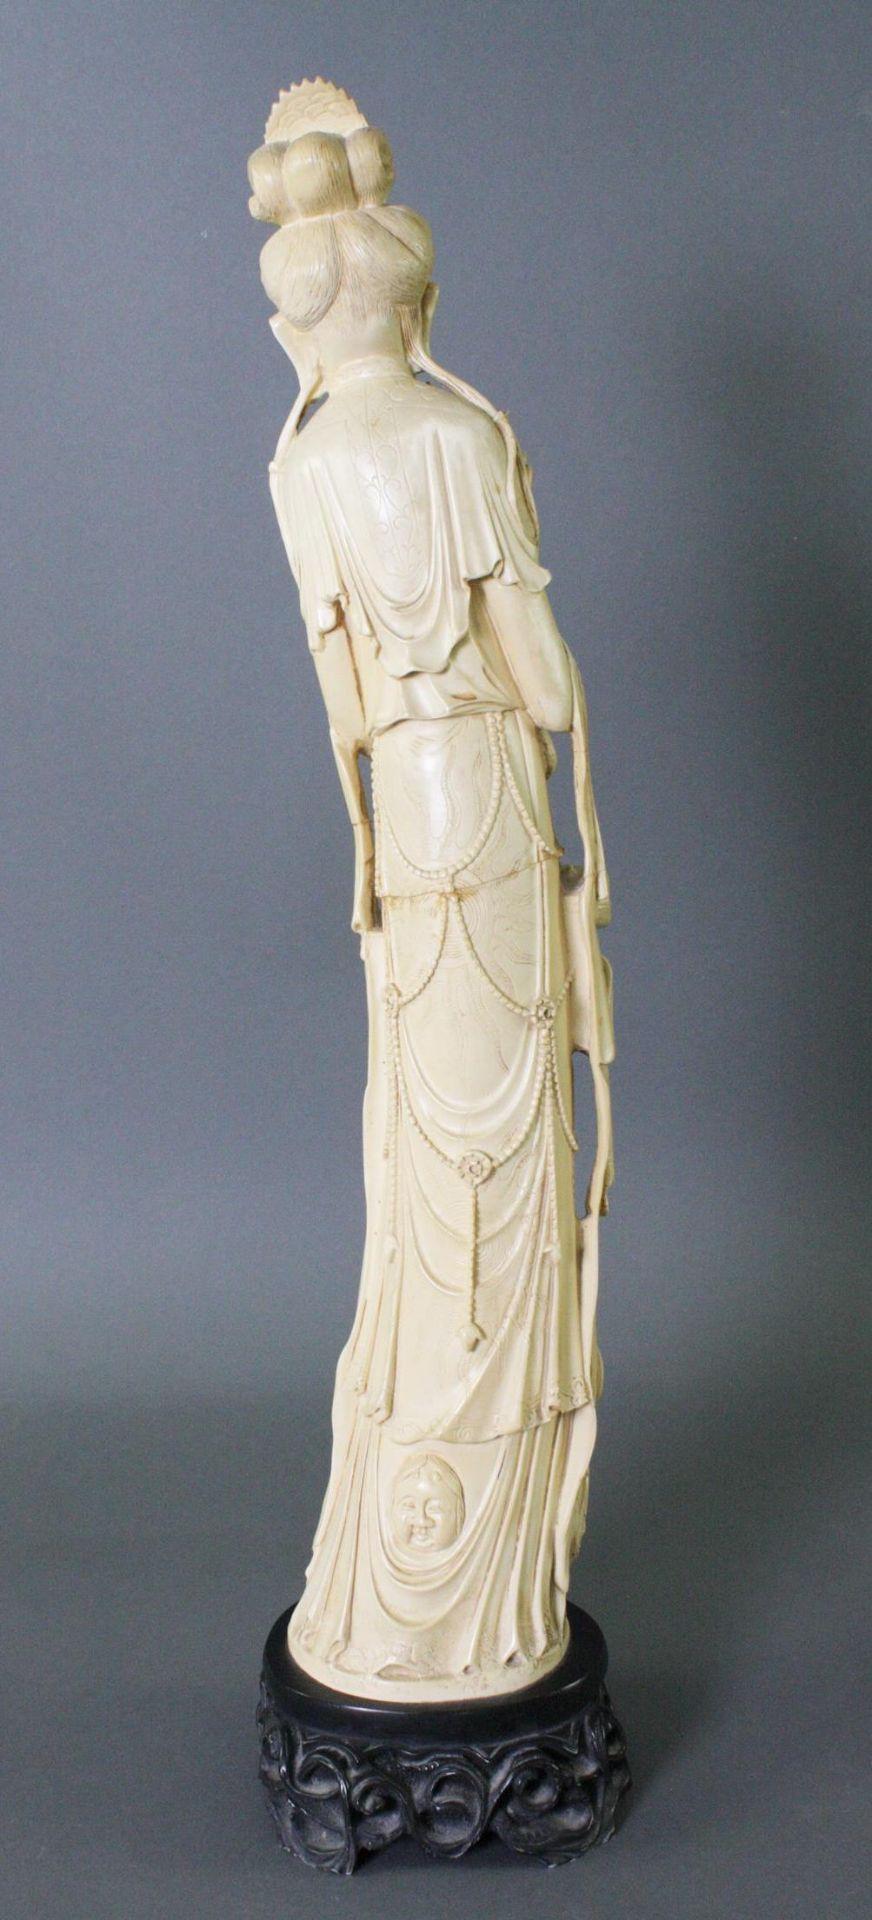 Stehende Guanyin - Kunstharz - Bild 2 aus 2